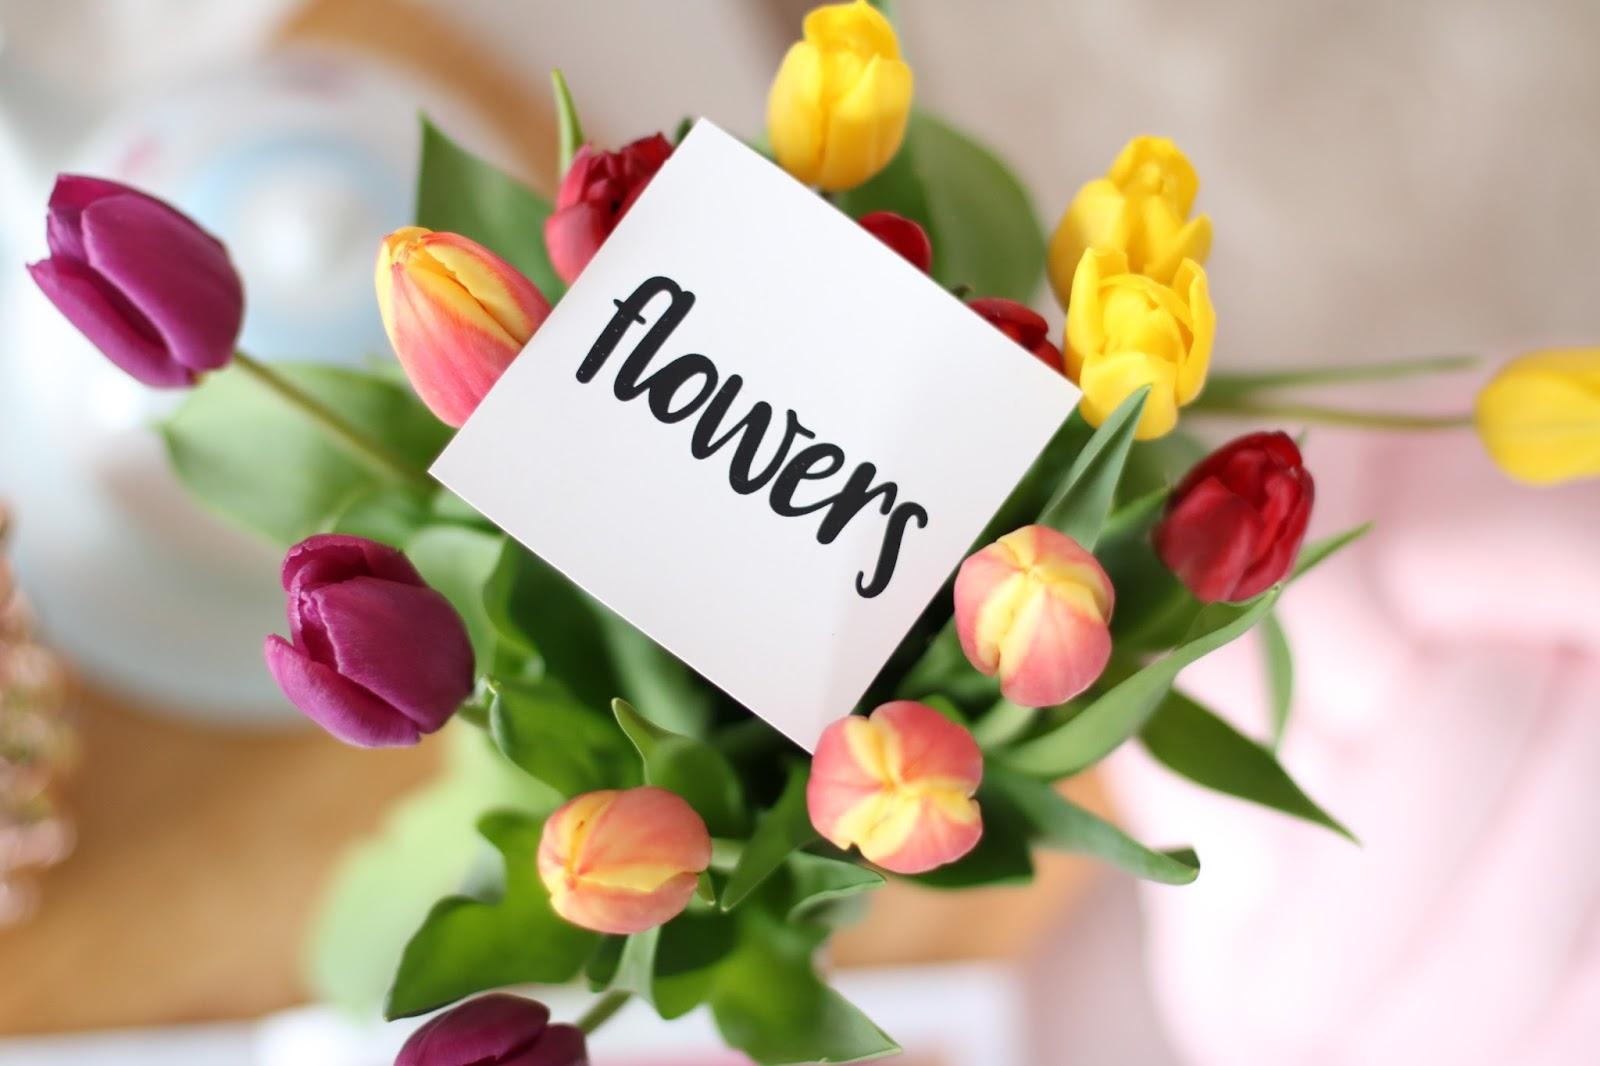 Marzec w Zdjęciach - Tulipany...tulipany